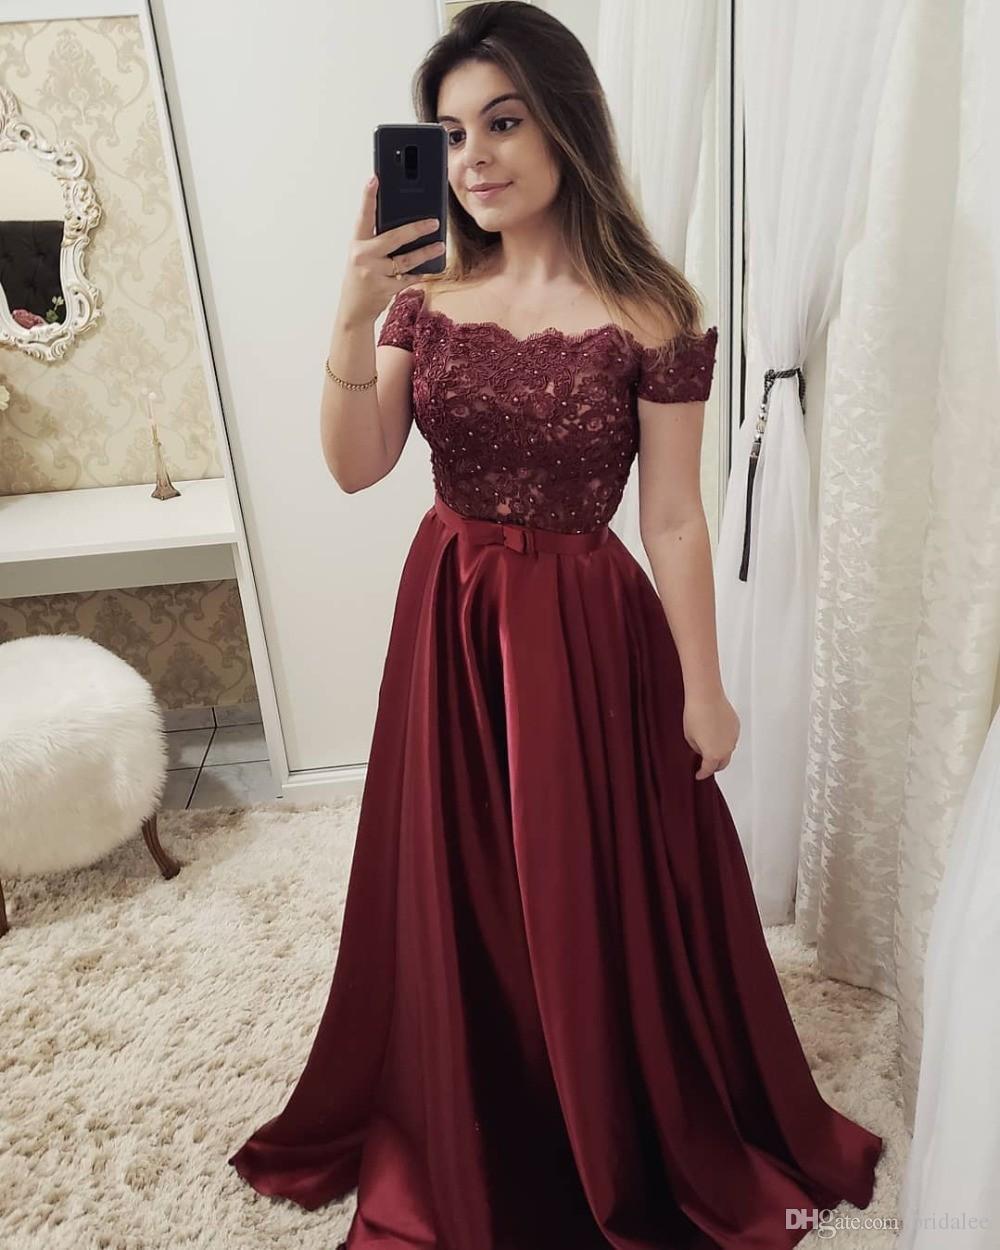 Compre Vestidos De Gala 2019 Elegante Fuera Del Hombro Vestidos De Noche Largo Borgoña Sexy Fuera Del Hombro Una Línea Vestido De Fiesta Formal Con